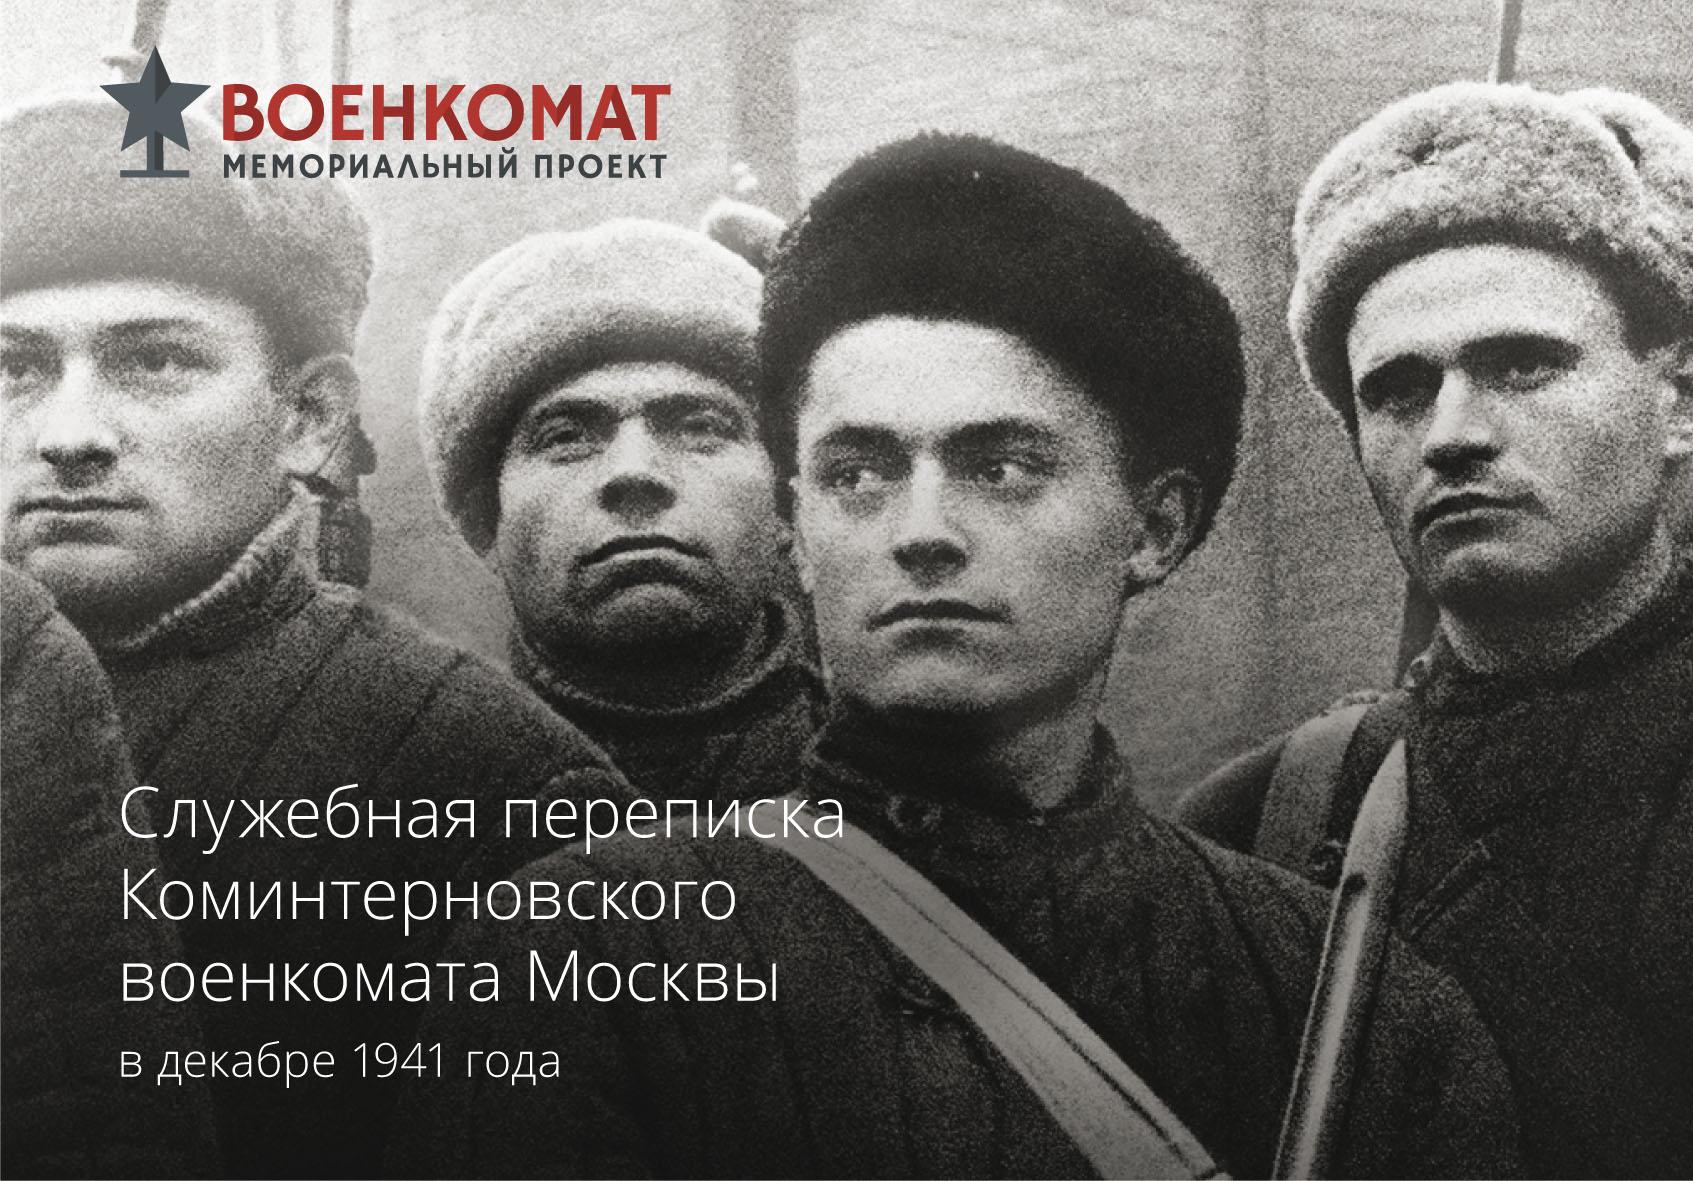 Служебная переписка Коминтерновского военкомата Москвы в декабре 1941 года